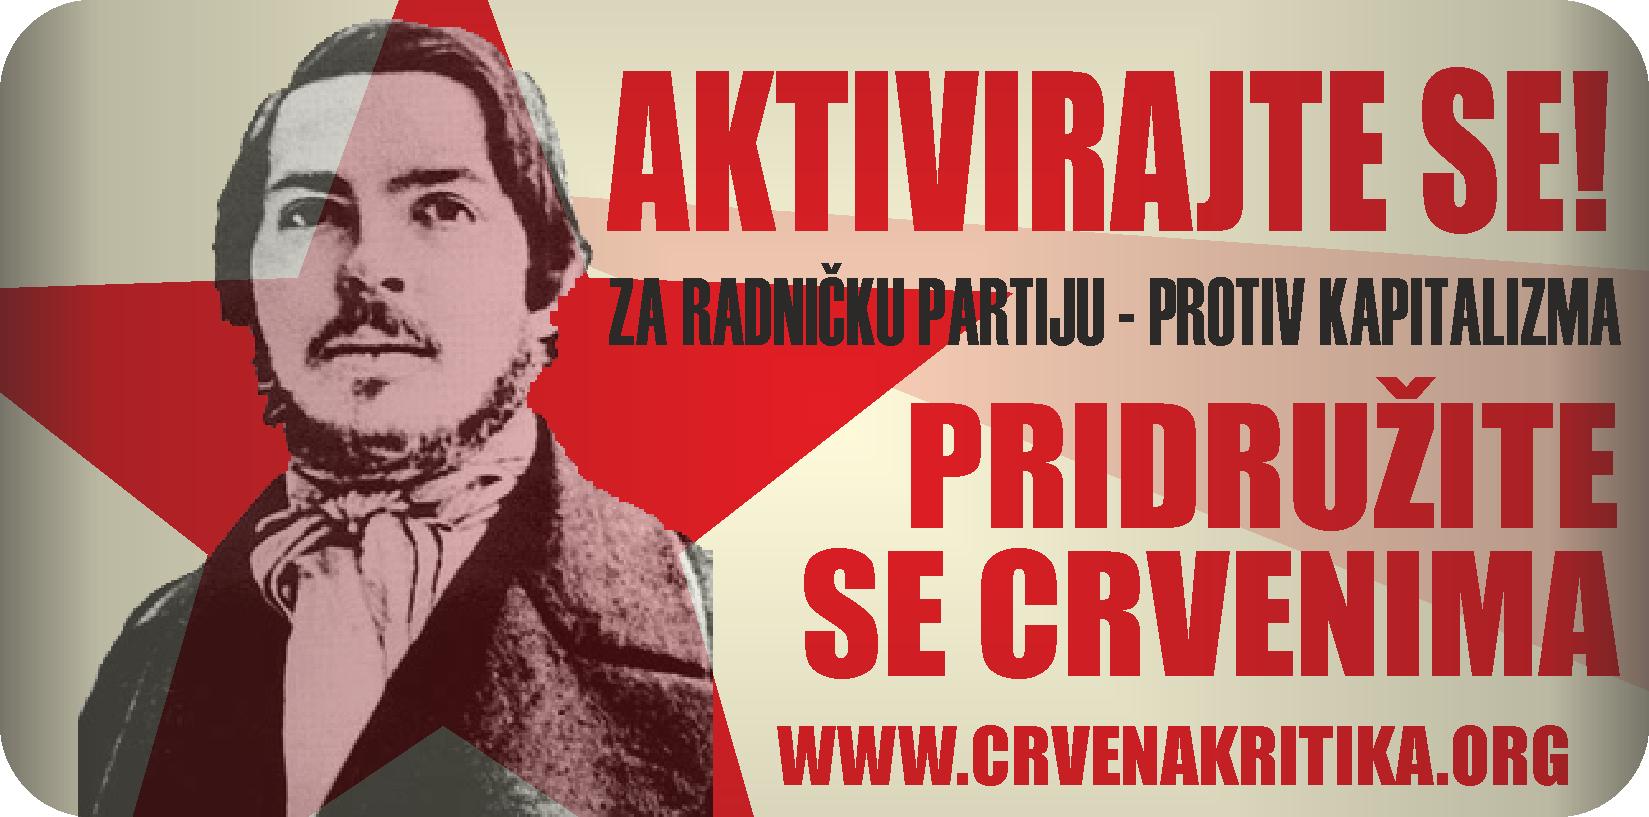 Aktivirajte se